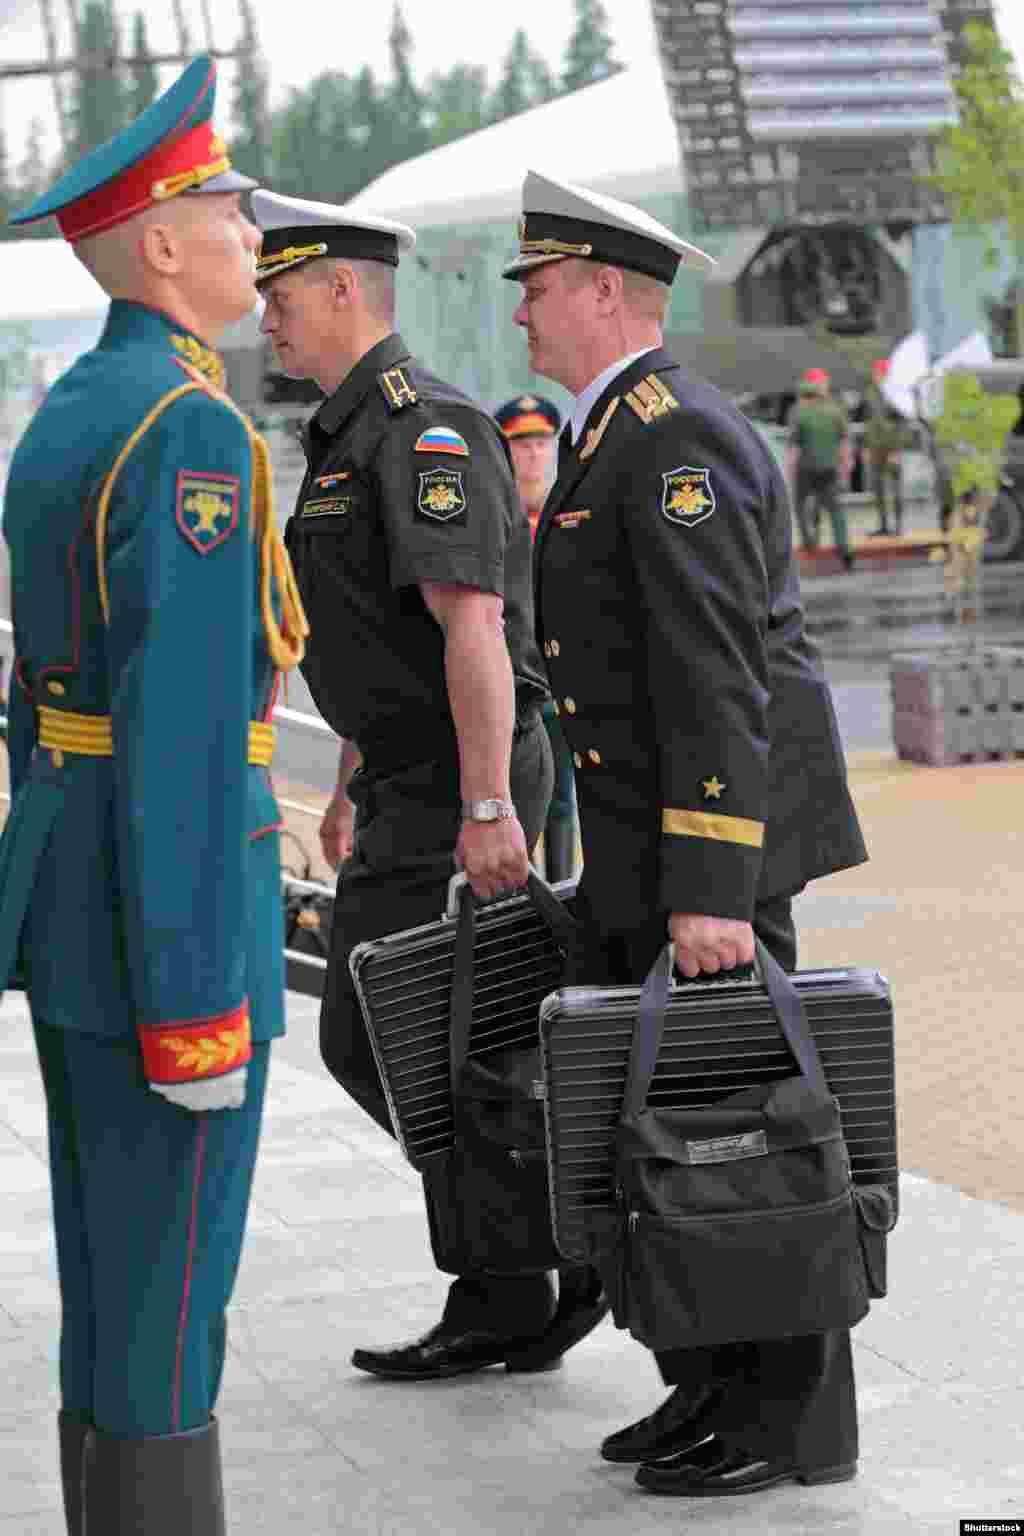 """И овие куфери што ги носат руски воени лица се познати како системот """"Чегет"""". Нуклеарните чанти се именувани по планина во рускиот кавкаски регион. Уредите за судниот ден на двете земји ќе бидат некаде при рака кога американскиот претседател Џо Бајден и неговиот руски колега Владимир Путин, ќе се сретнат во Женева на 16 јуни. Застрашувачкиот рачен багаж му овозможува на неговиот сопственик да уништи голем дел од цивилизацијата со наредба за нуклеарни ракетни напади од каде било на земјата."""